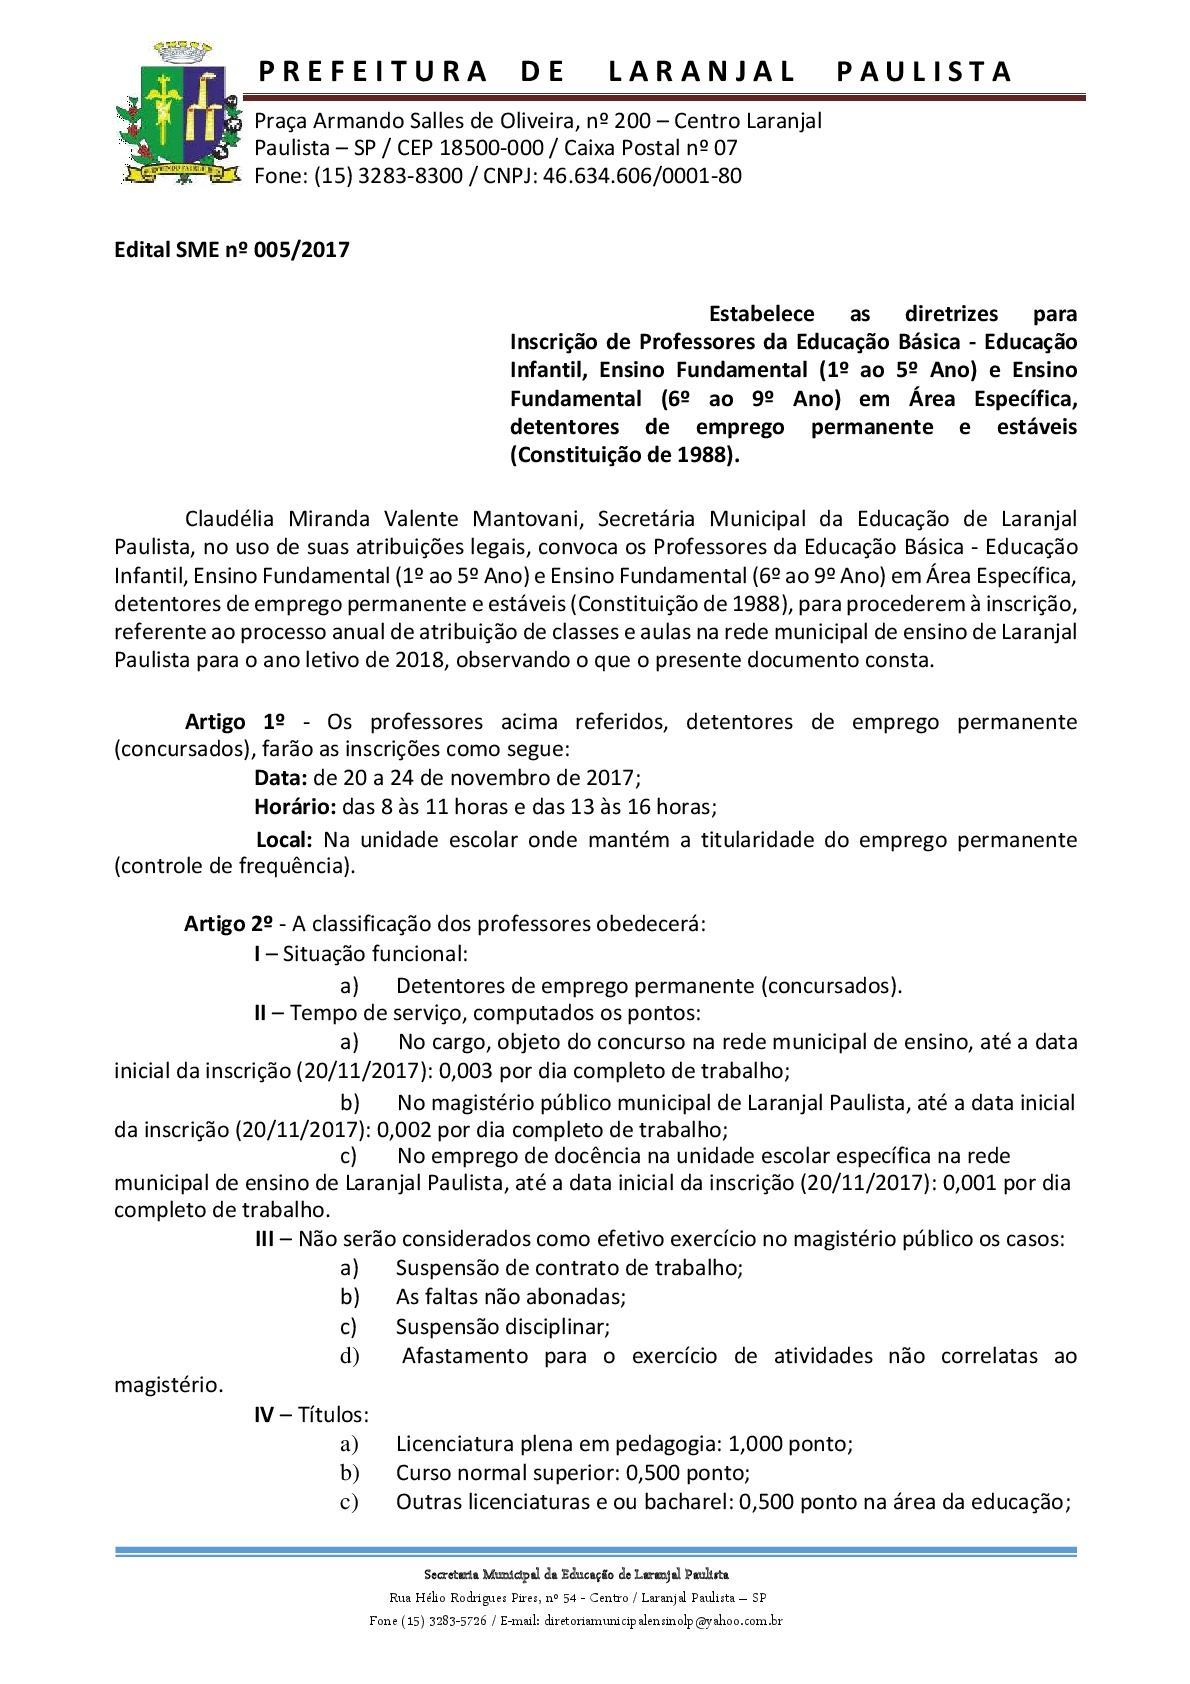 EDITAIS de inscrição - Professores efetivos para 2018